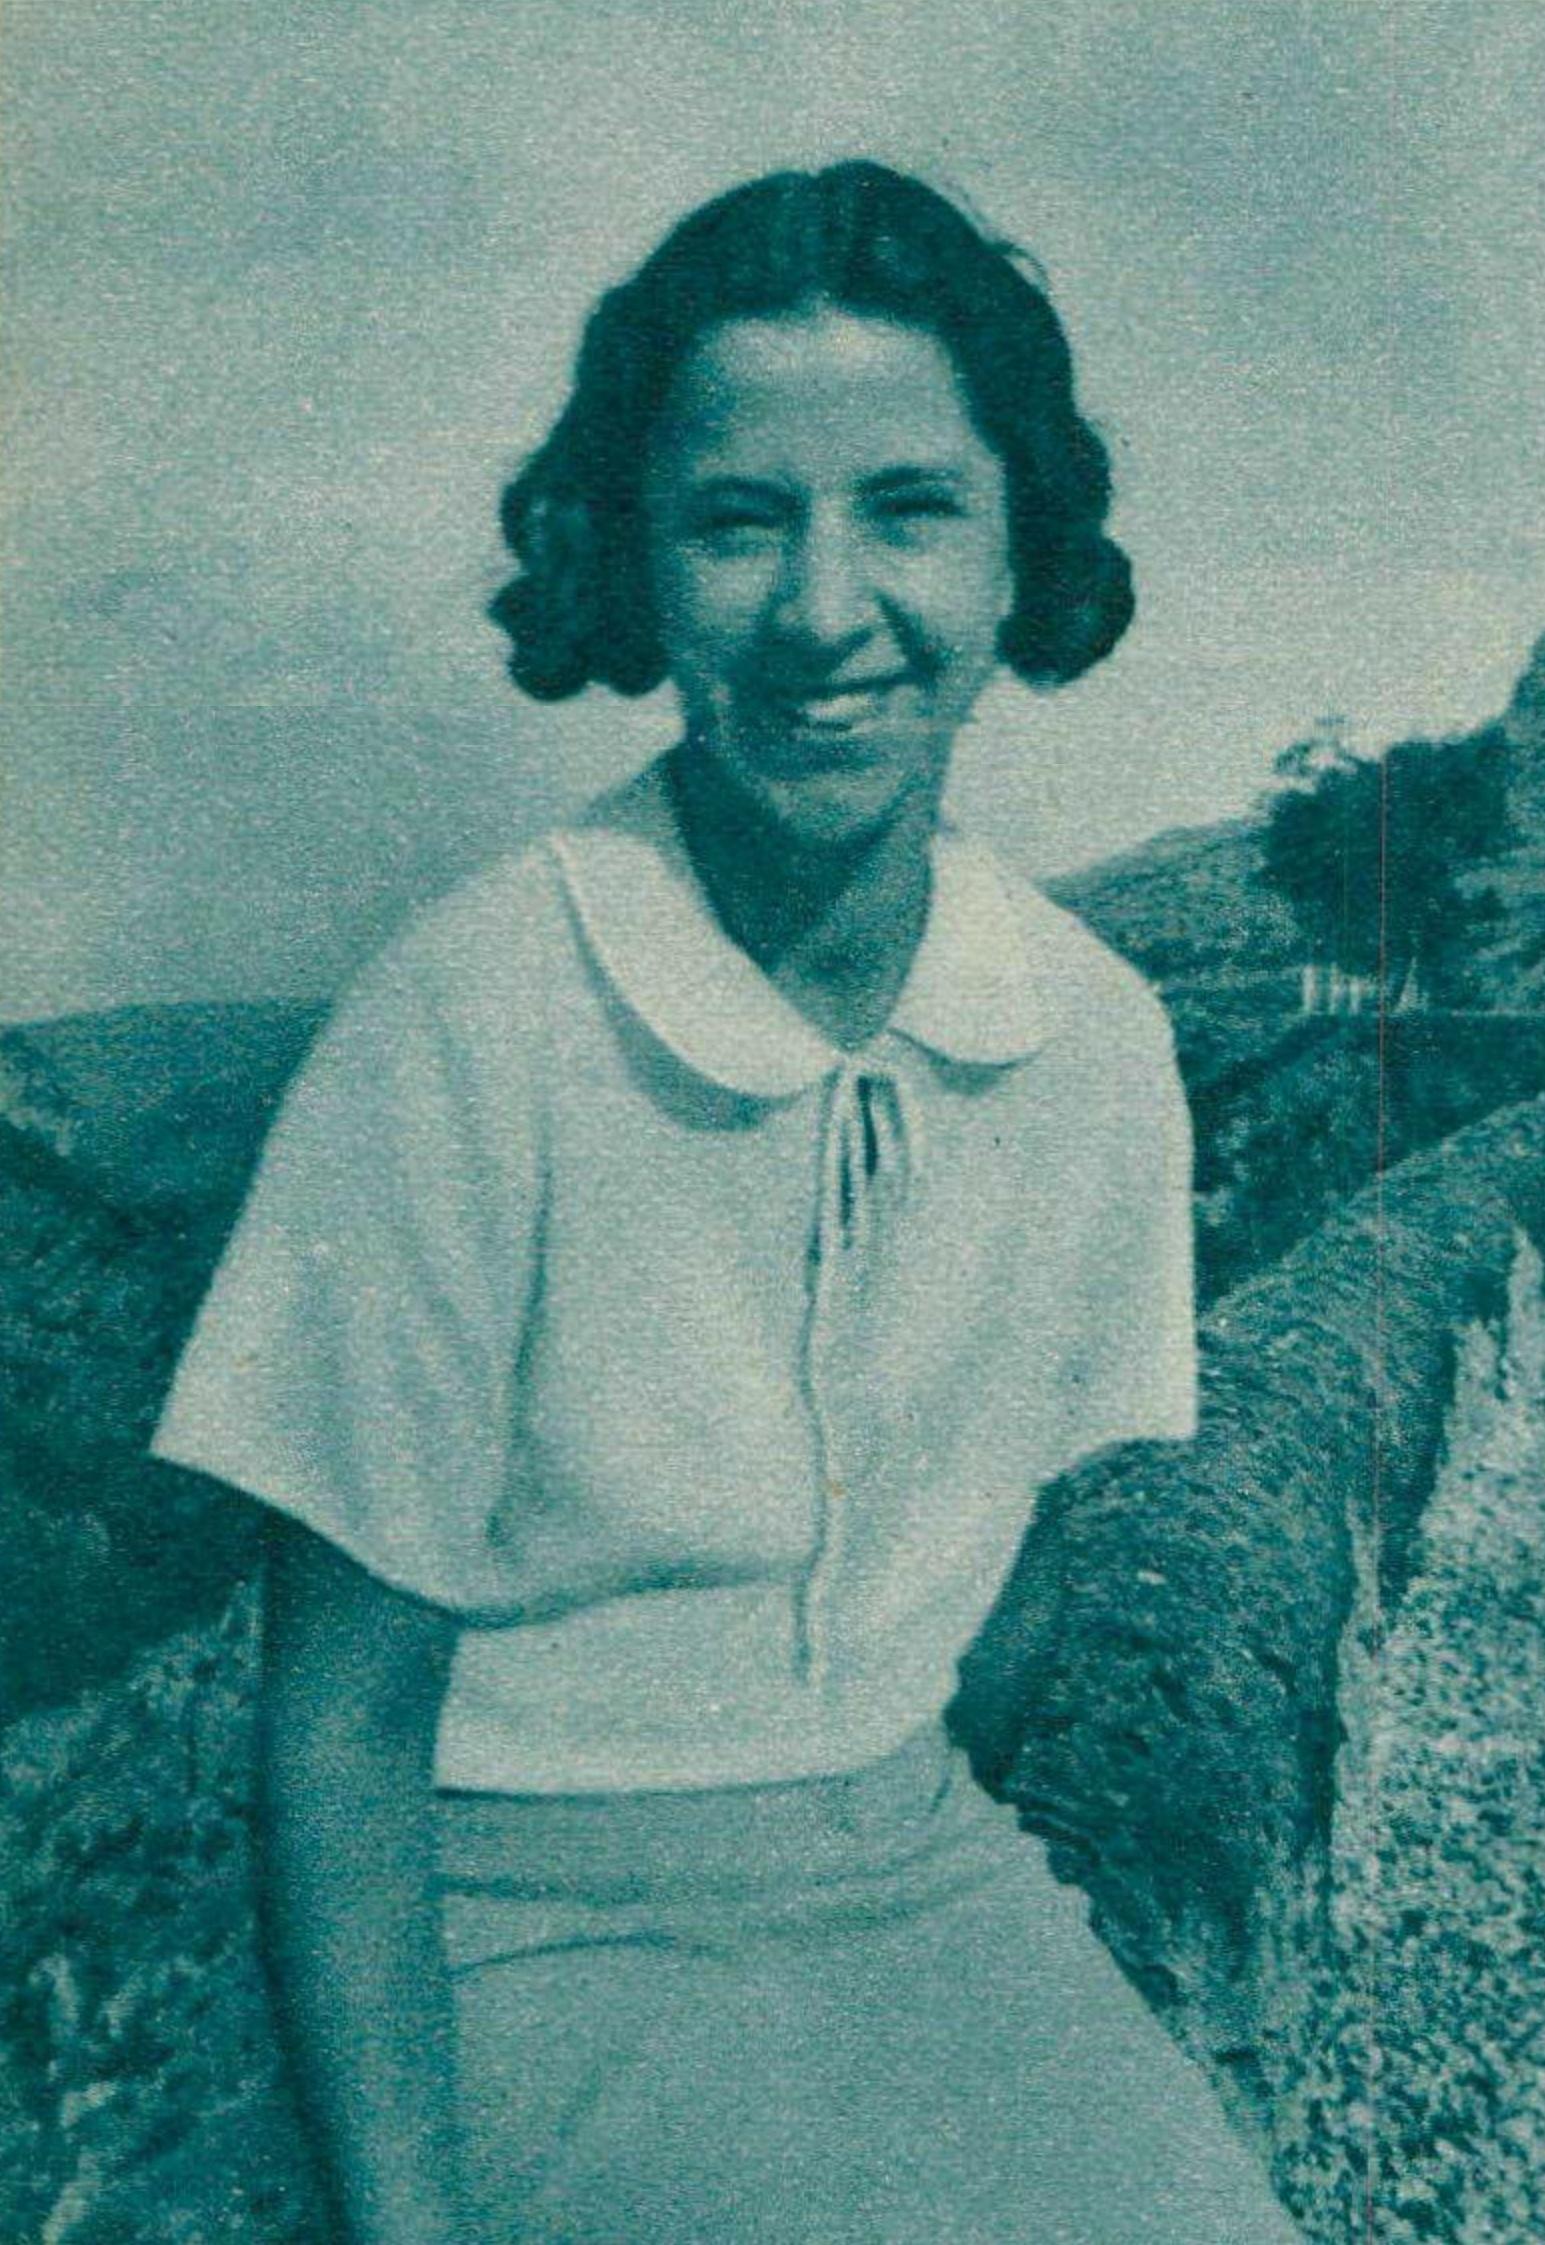 Blanche HONEGGER, portrait publié entre autres dans la revue Le Radio du 7 février 1936, No 670, Page 256, cliquer pour une vue agrandie et quelques informations